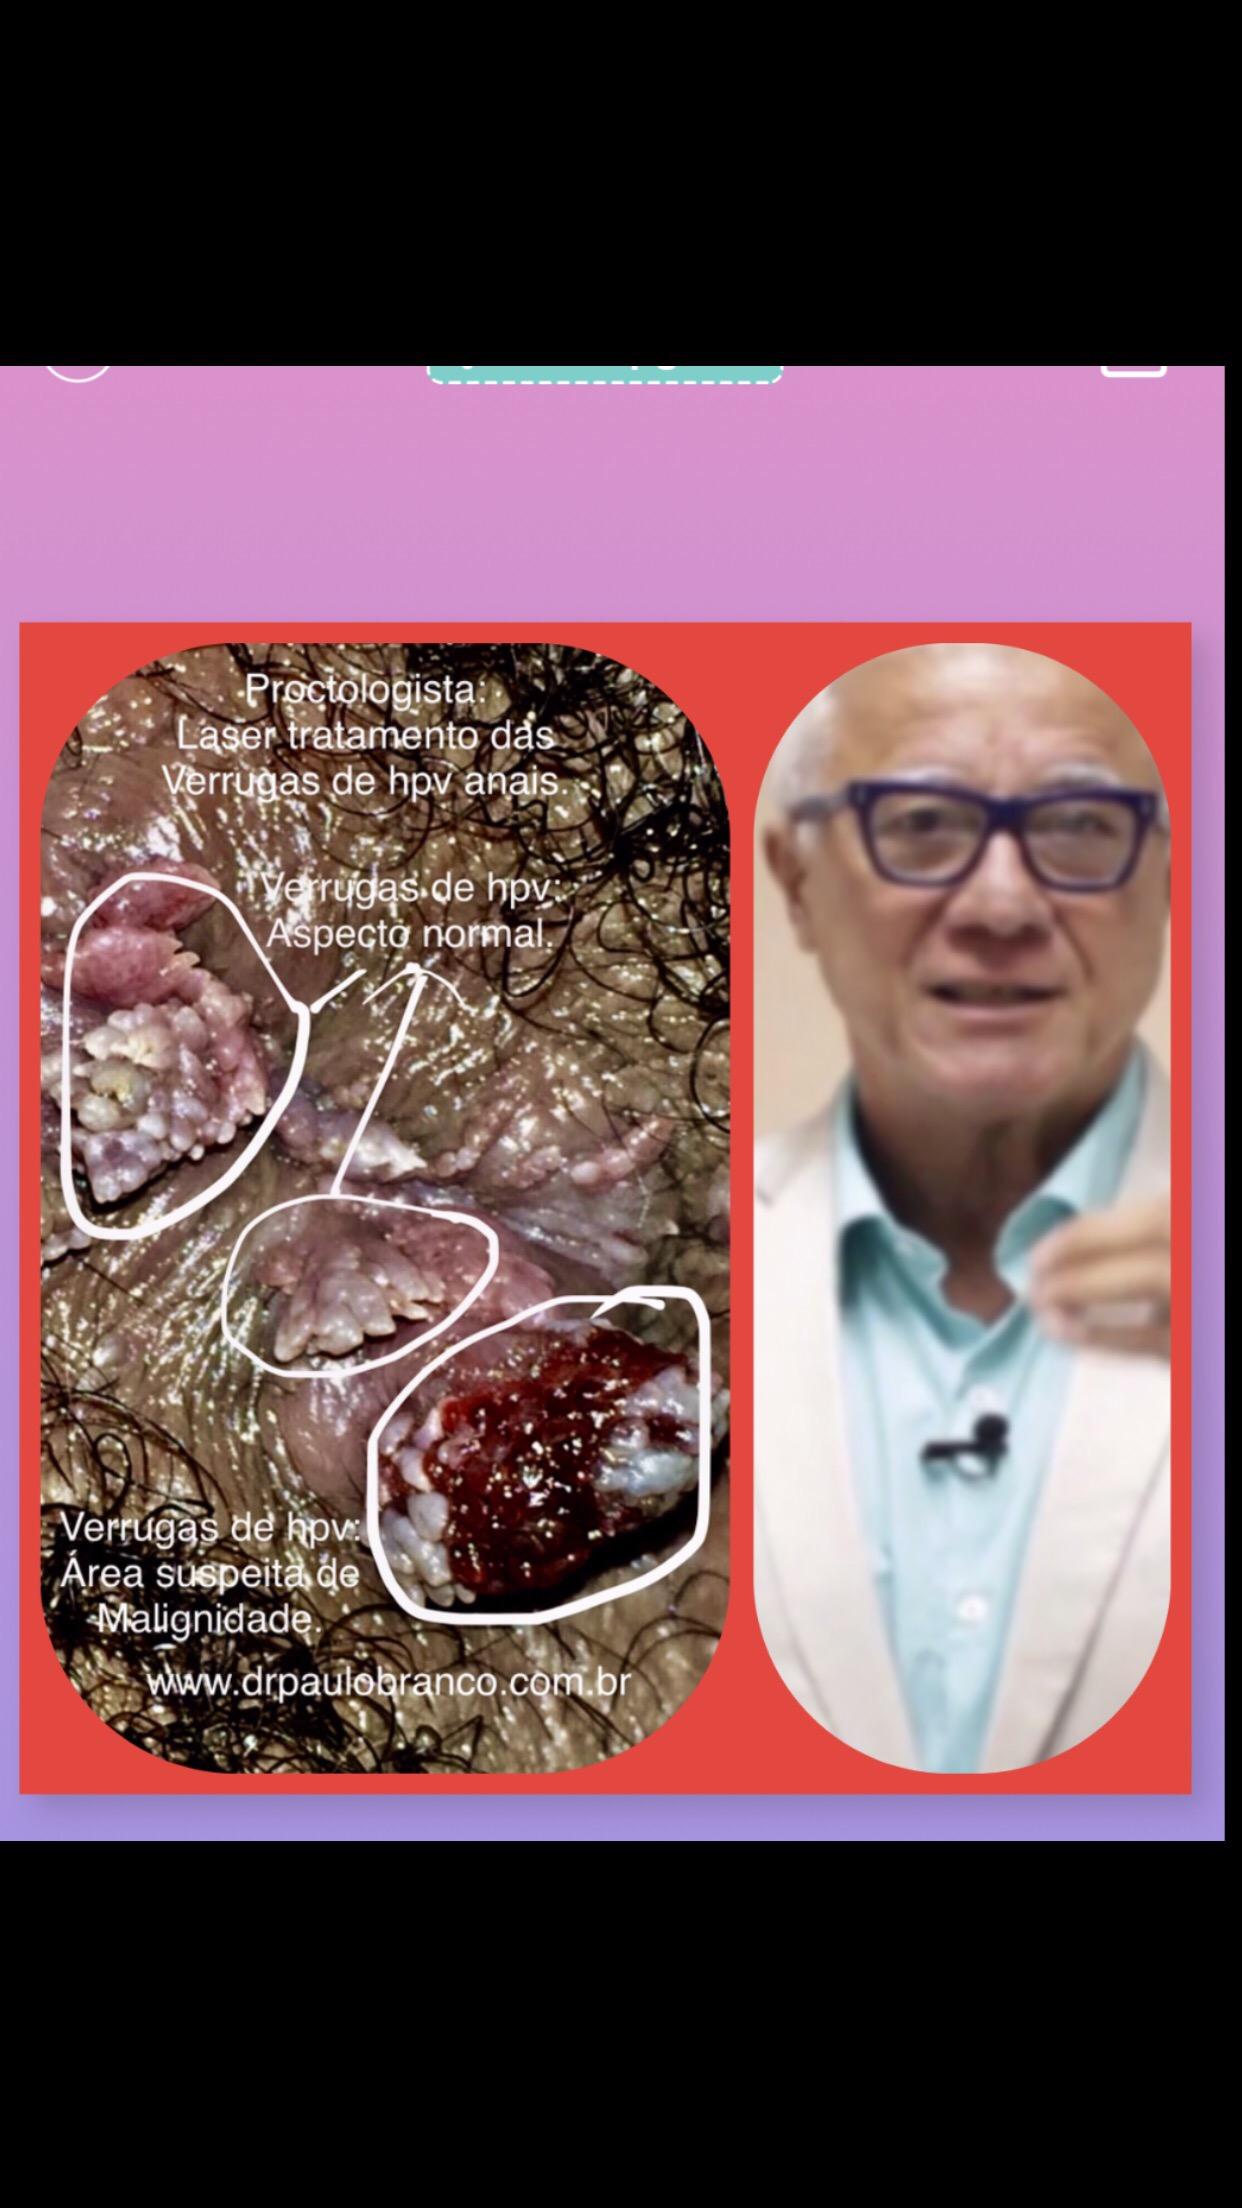 Verrugas de hpv na pele perianal com possível potencial de alterações histológicas.